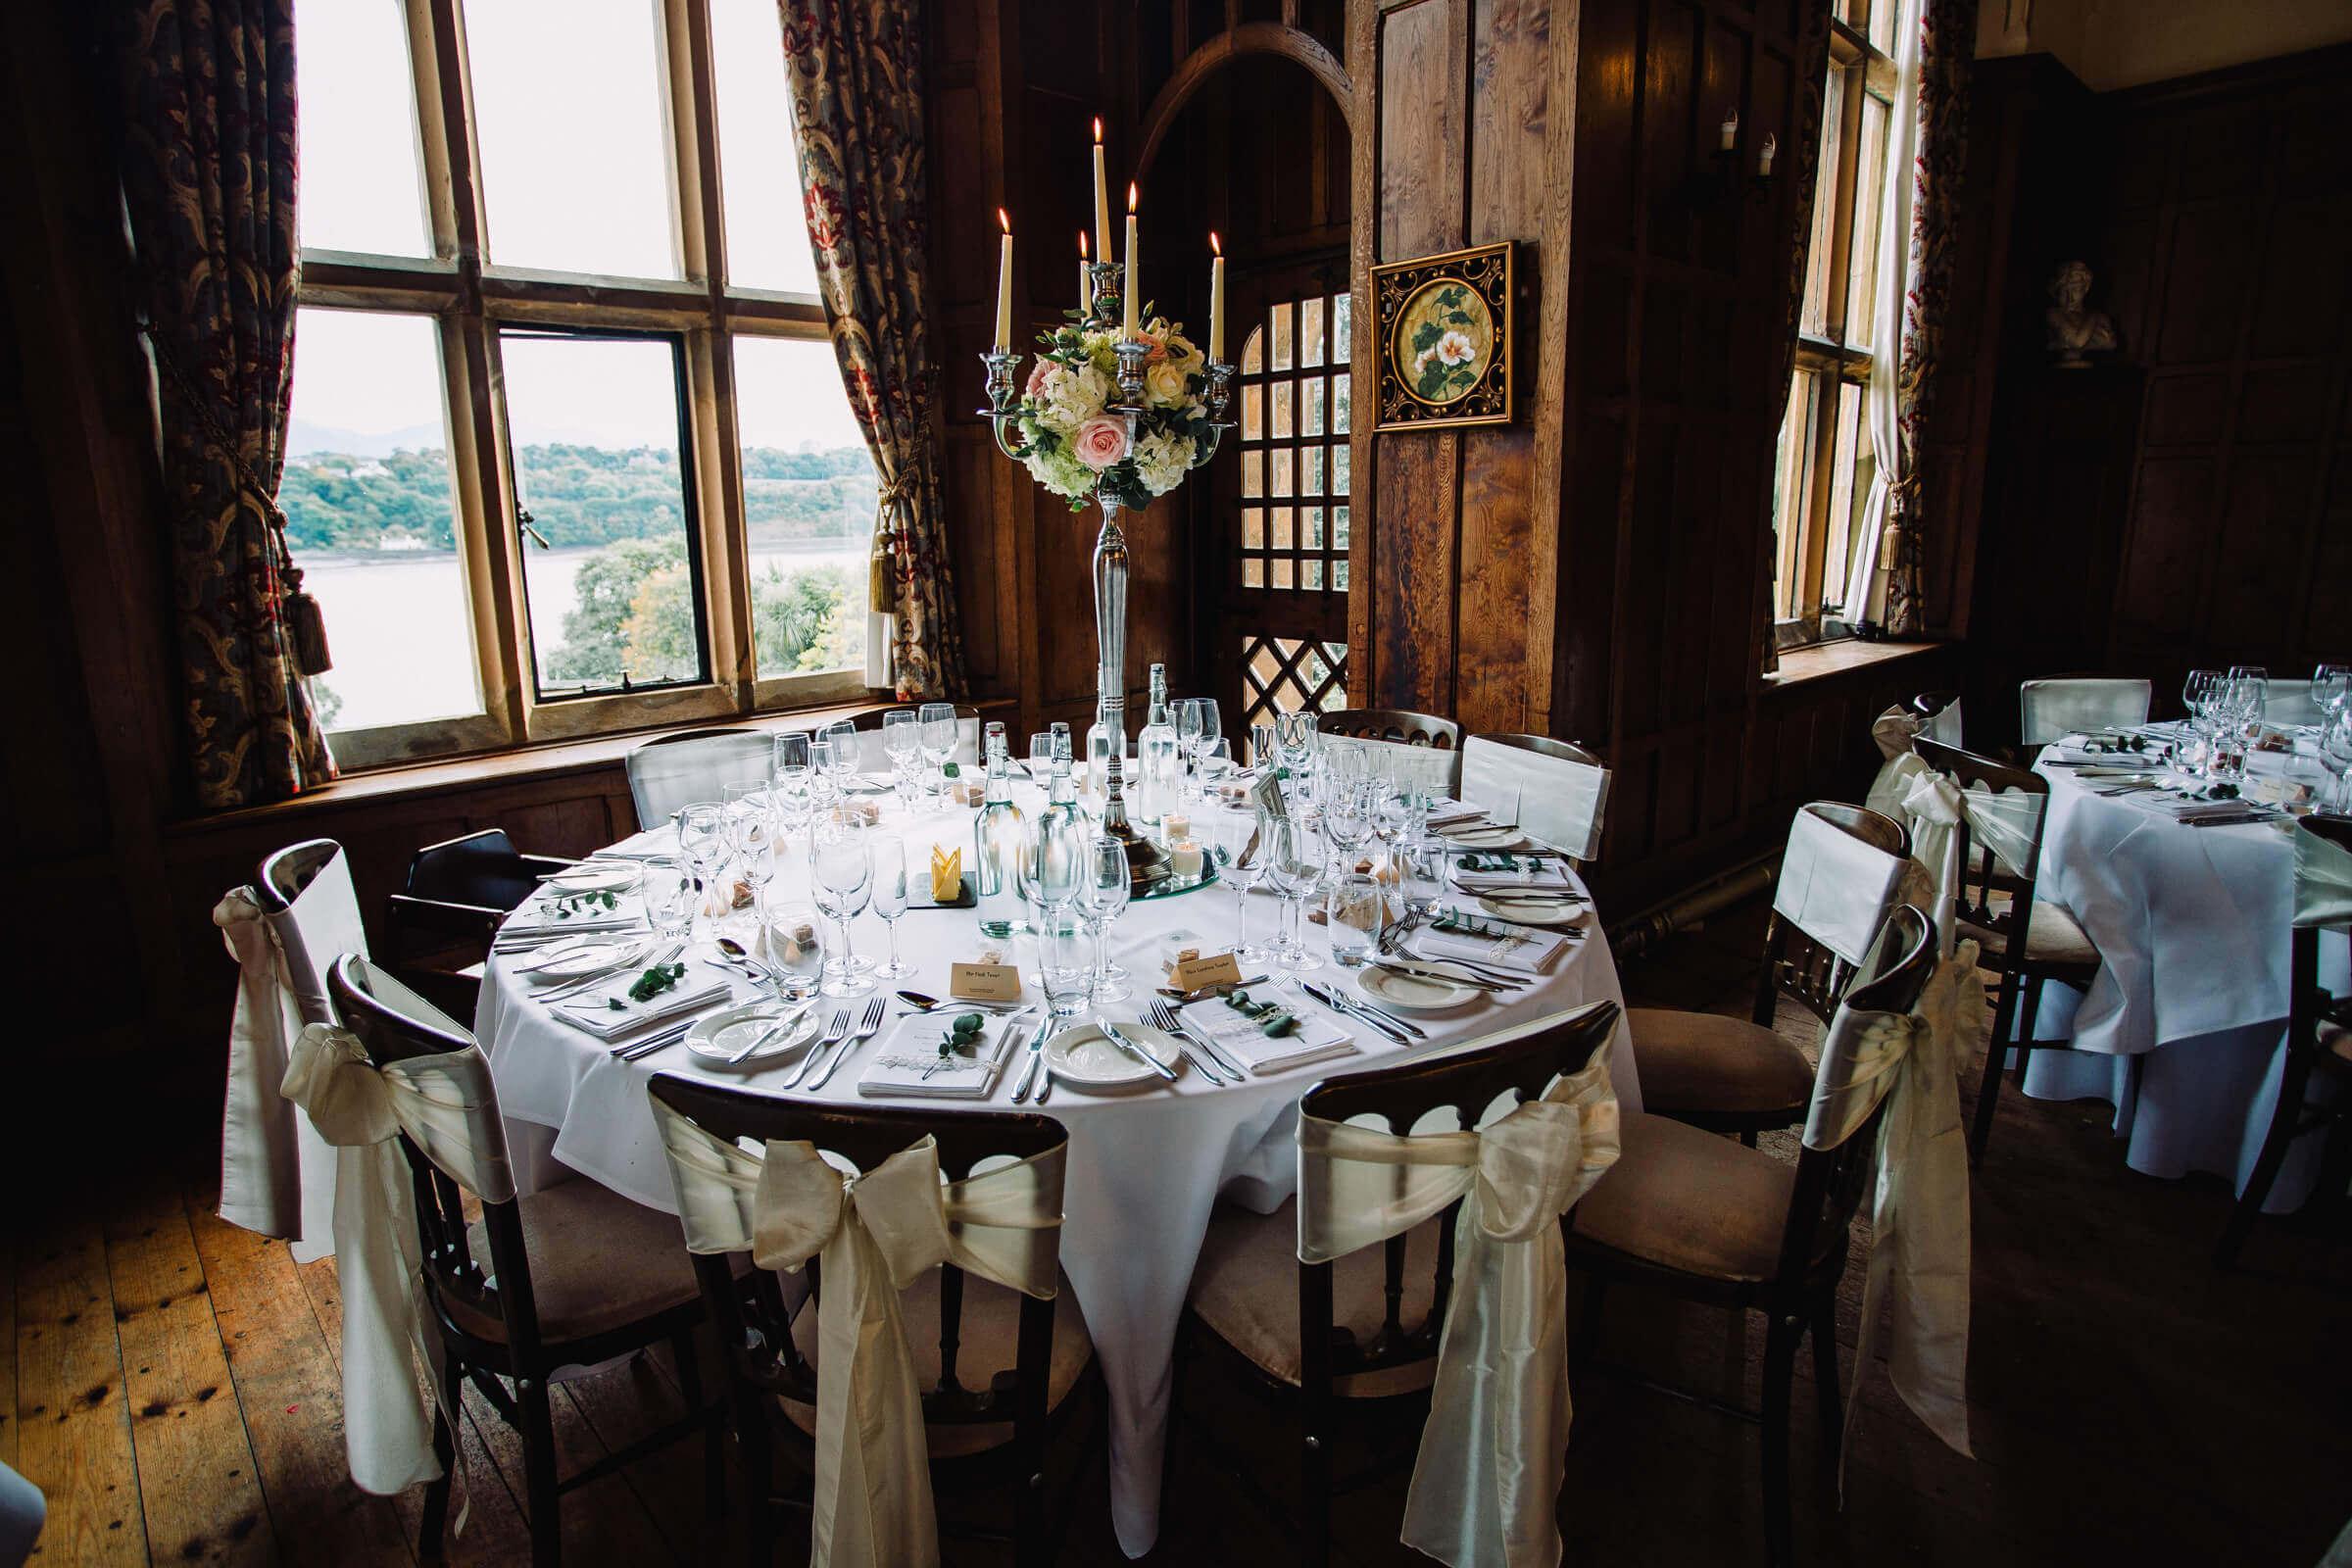 Chateau_Rhianfa_Wedding_Photography_052.jpg